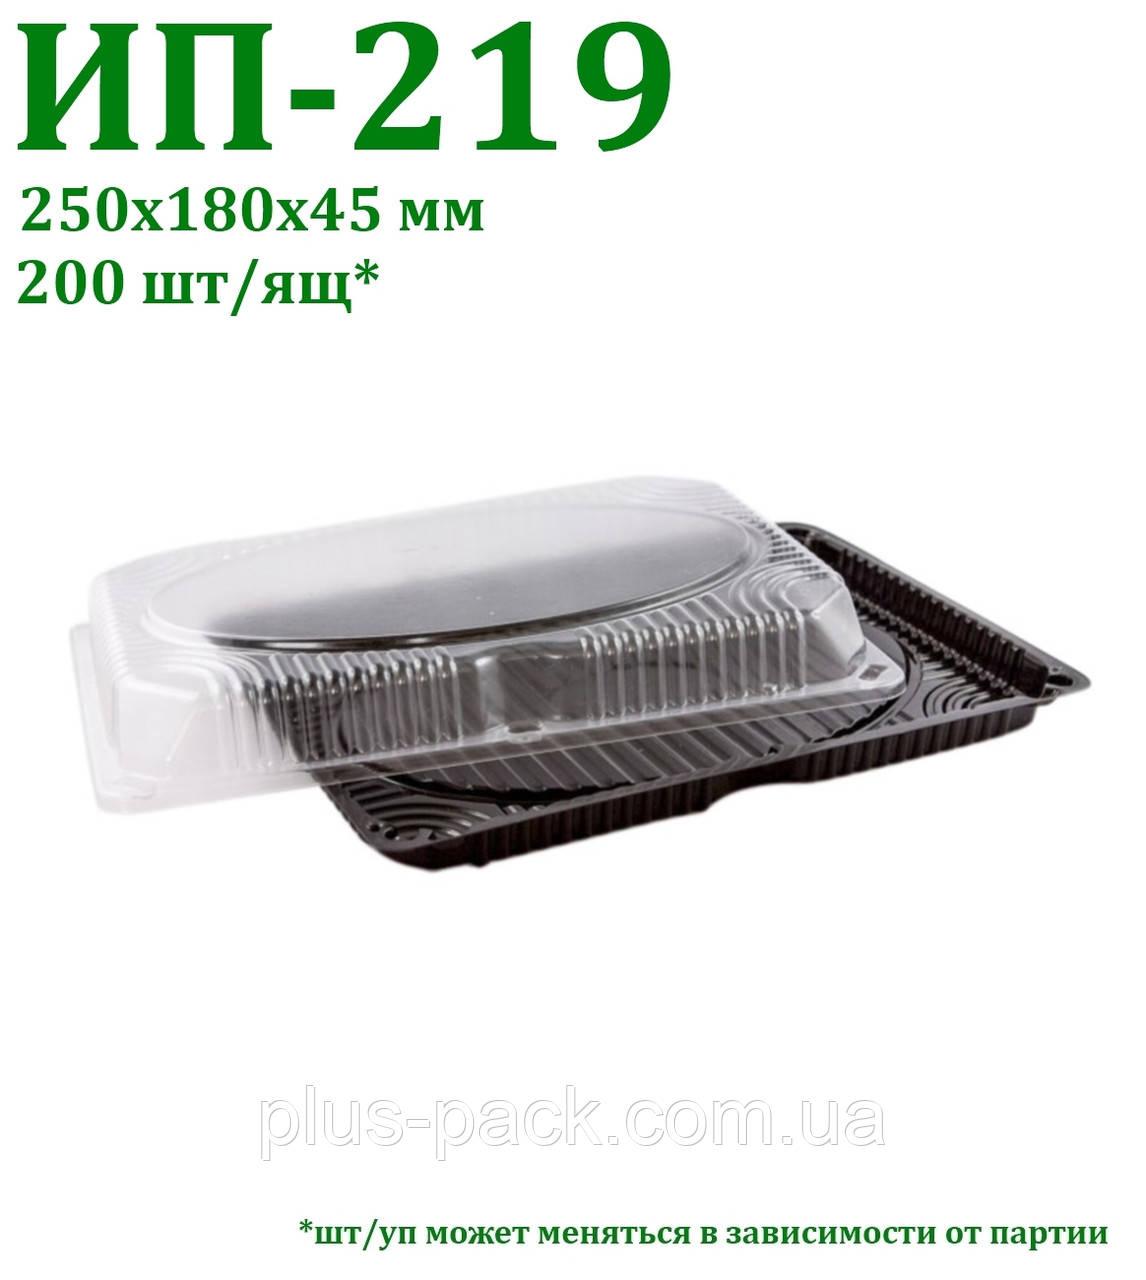 Контейнер для суші та ролів ІП-219, одноразовий, пластиковий